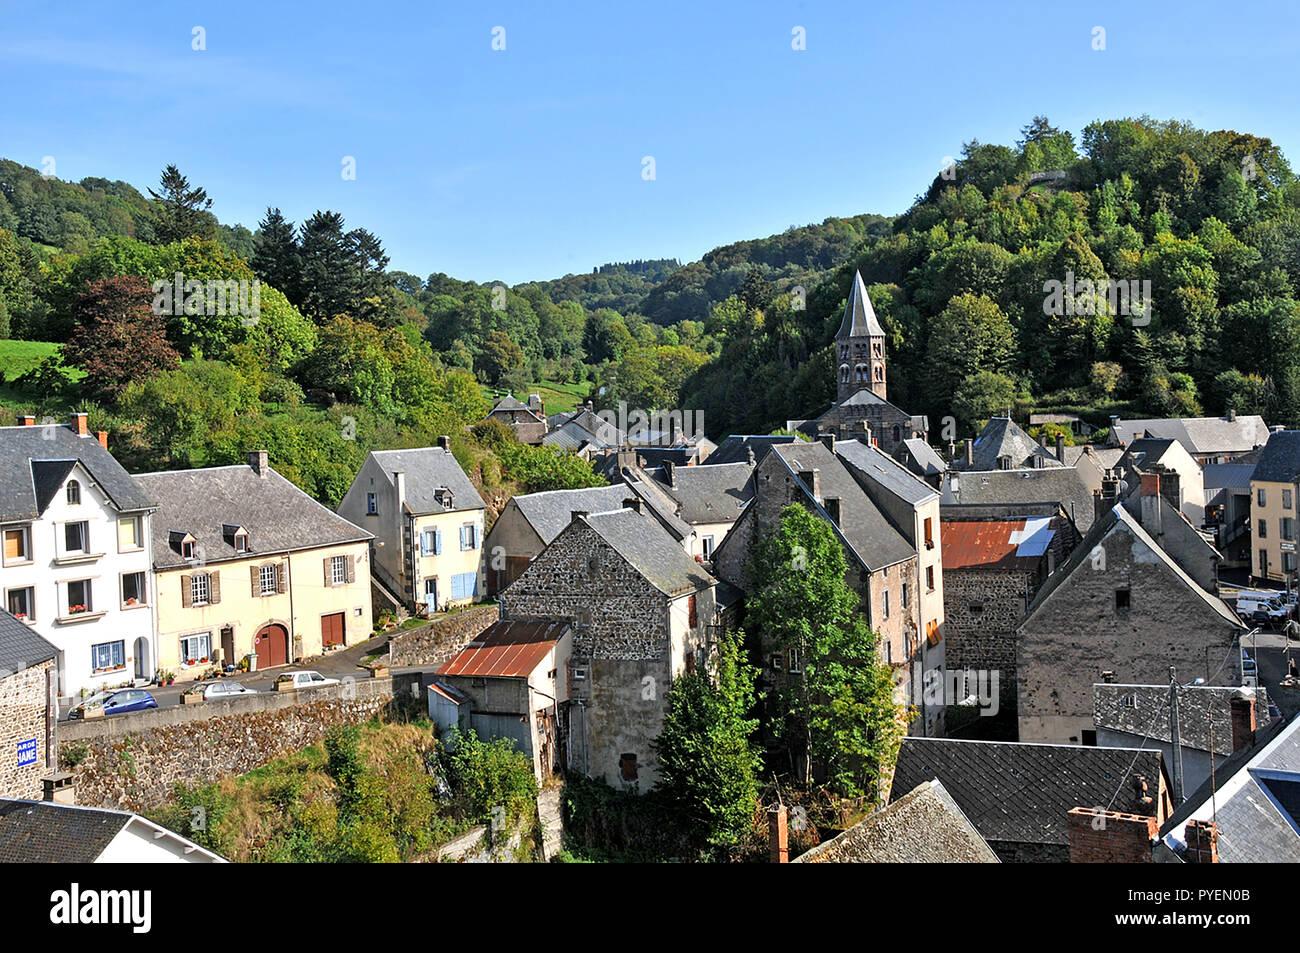 Villaggio Rochefort-Montagne, Puy-de-Dome, Auvergne, Massif-Central, Francia Immagini Stock